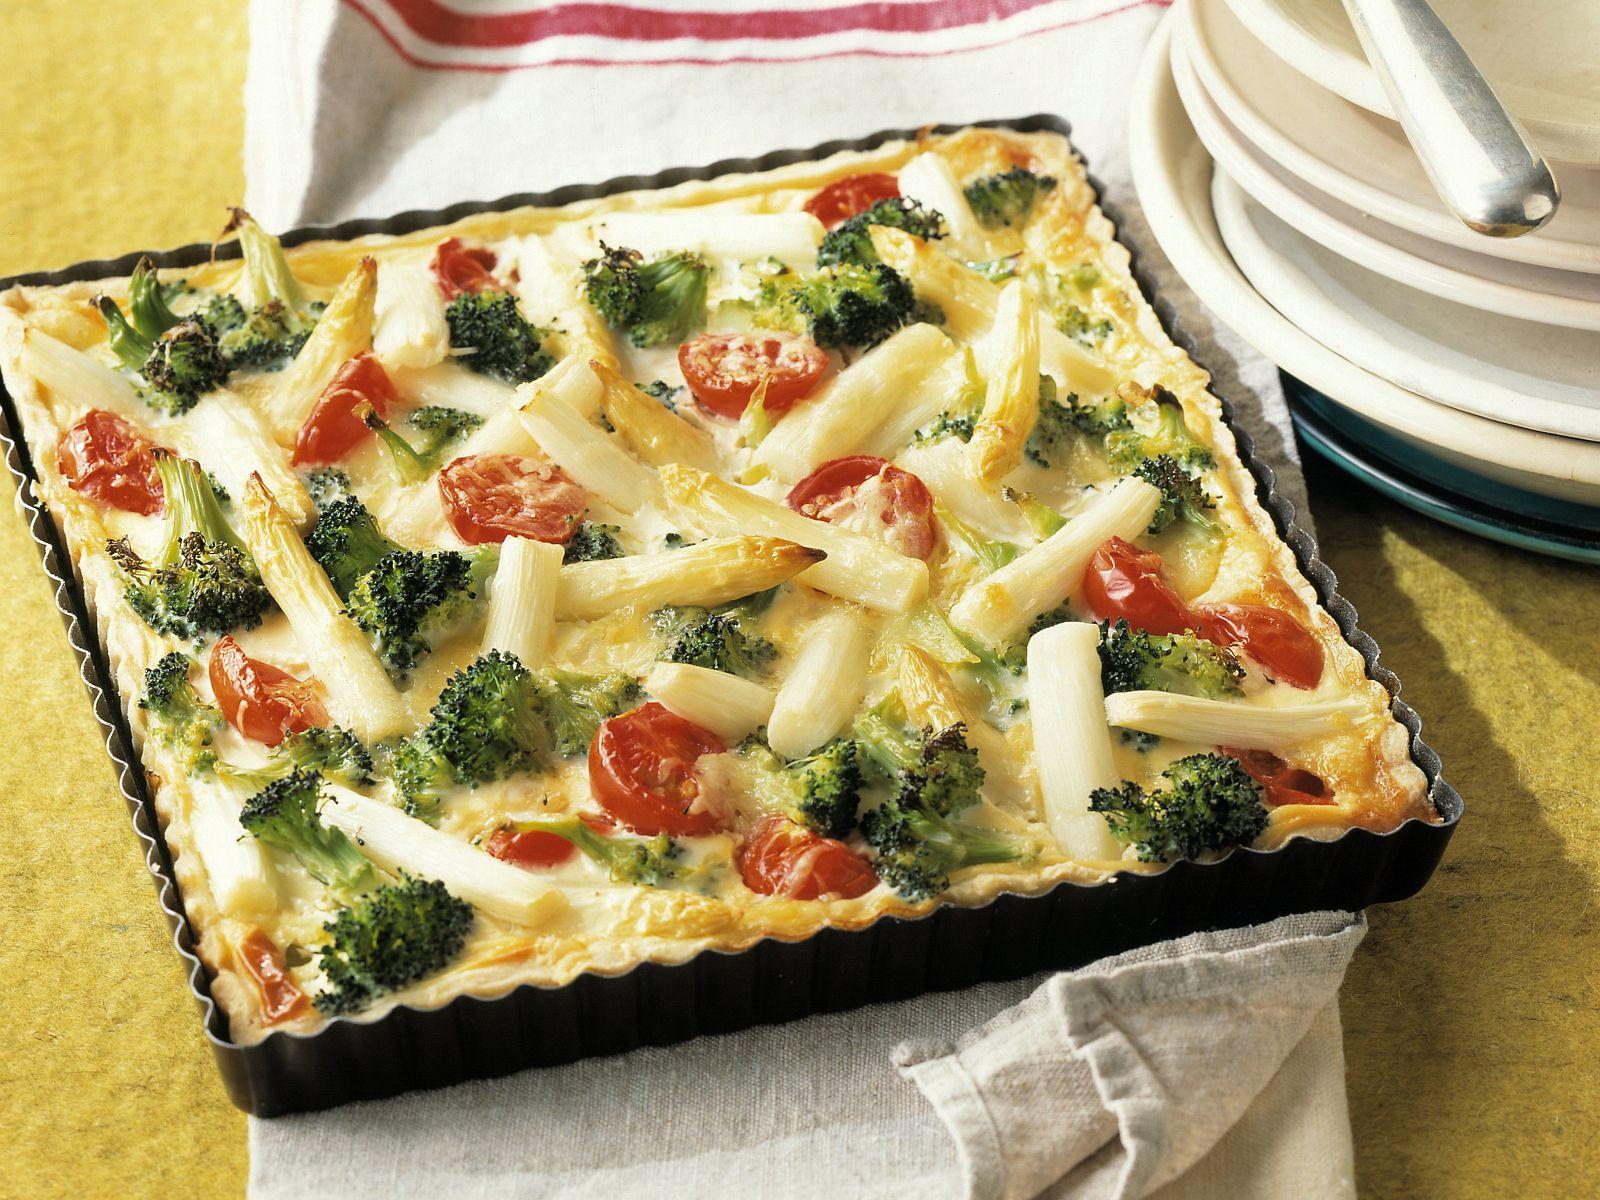 Spargelkuchen Mit Brokkoli Rezept Eat Smarter